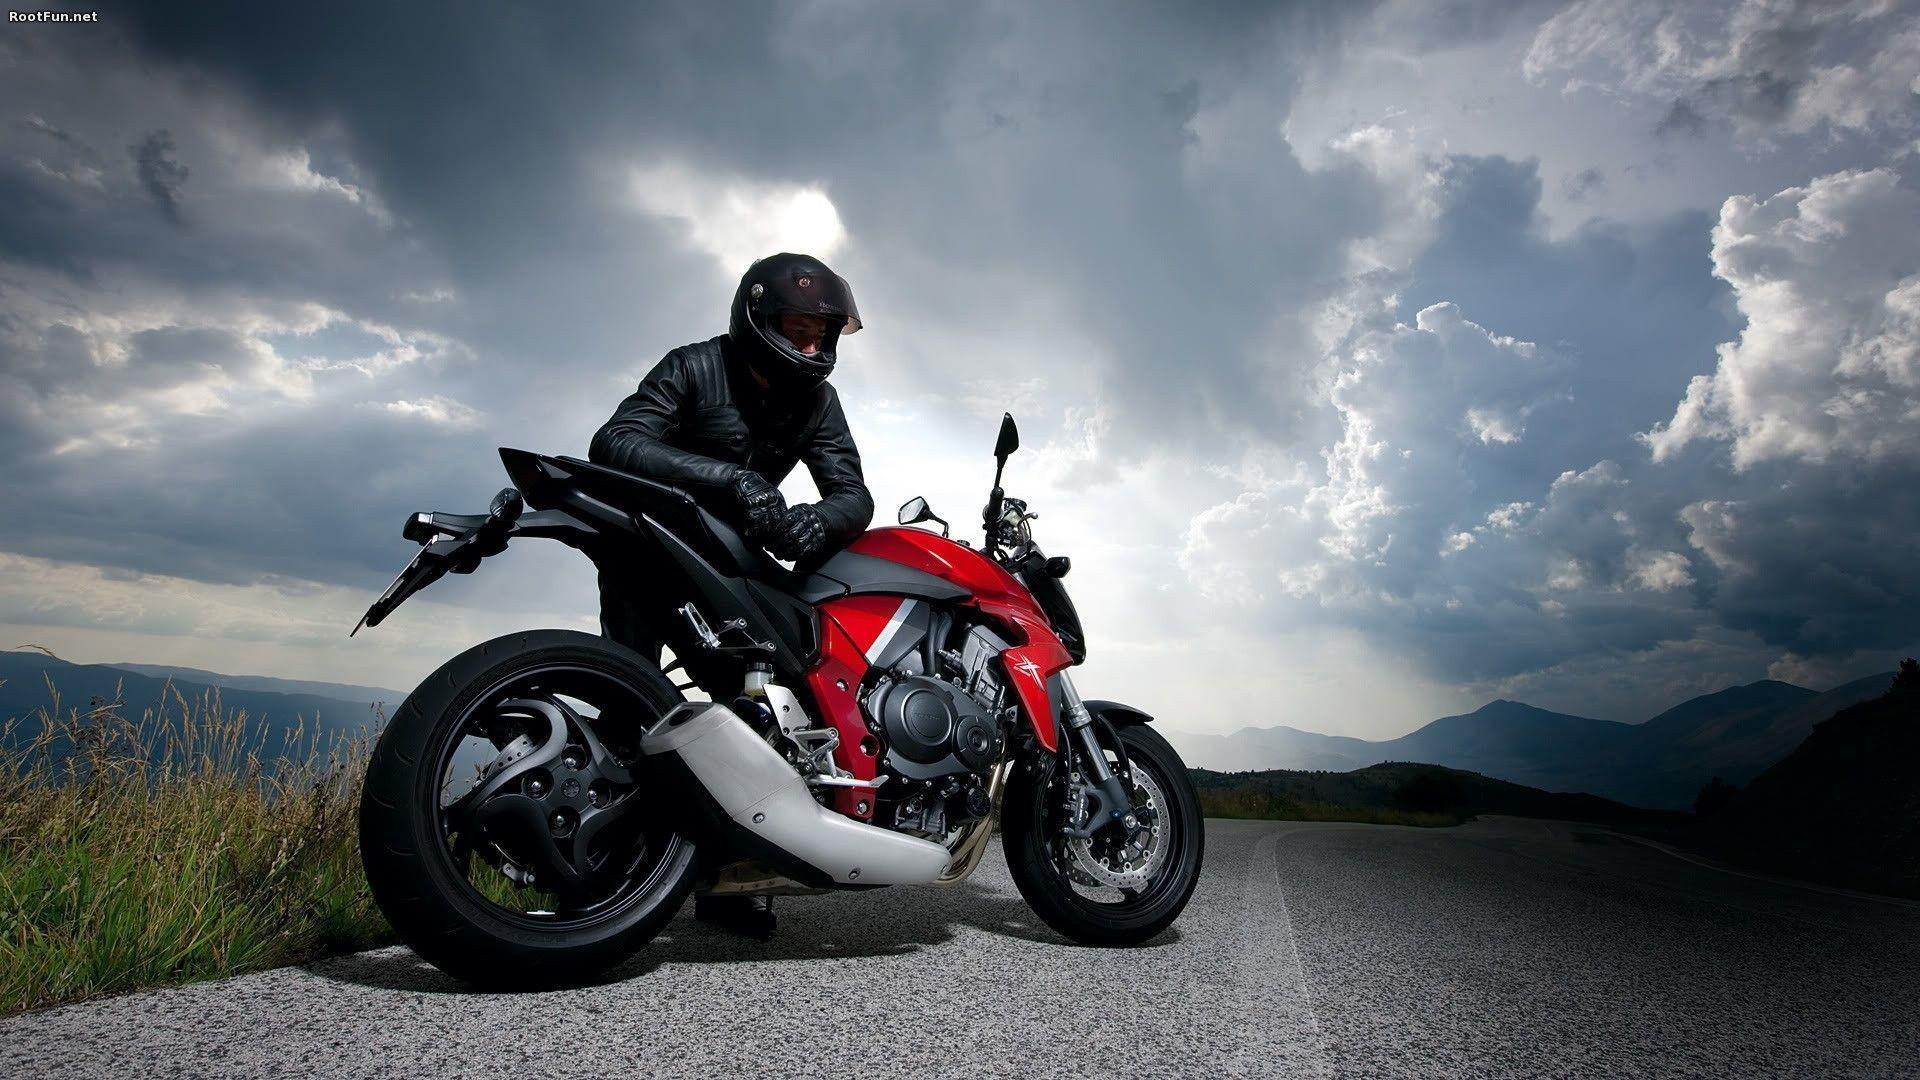 hinh nen sieu xe moto 9